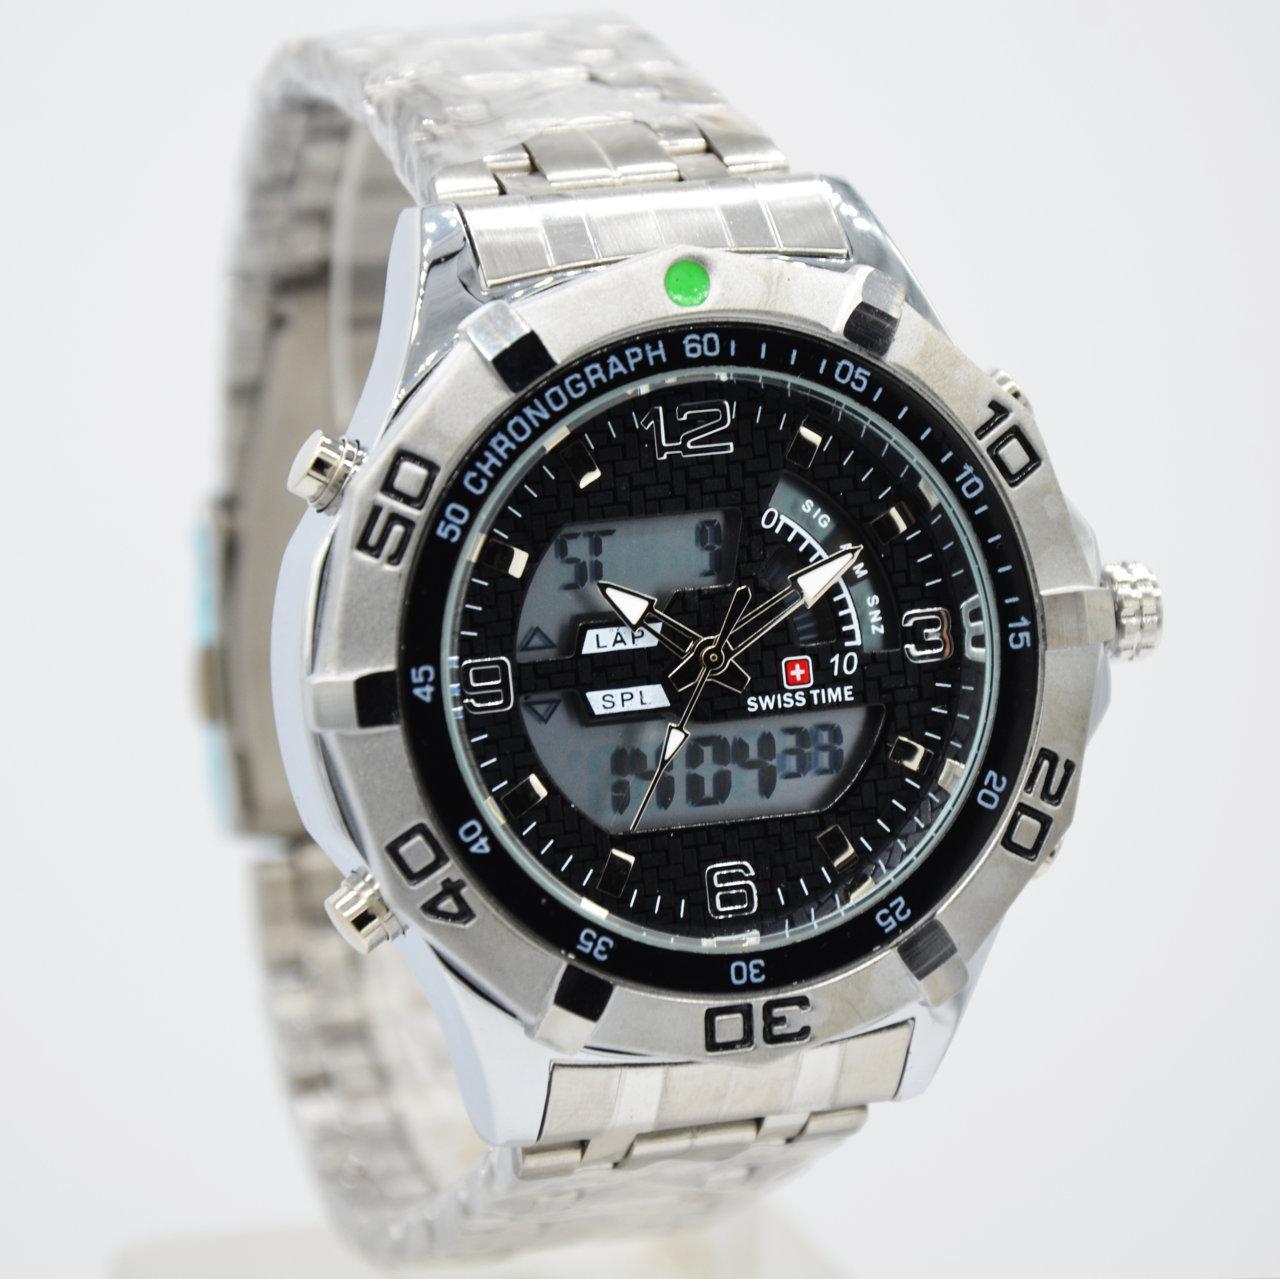 Swiss Army/Time dual time - Jam Tangan Pria - SA 88A Silver